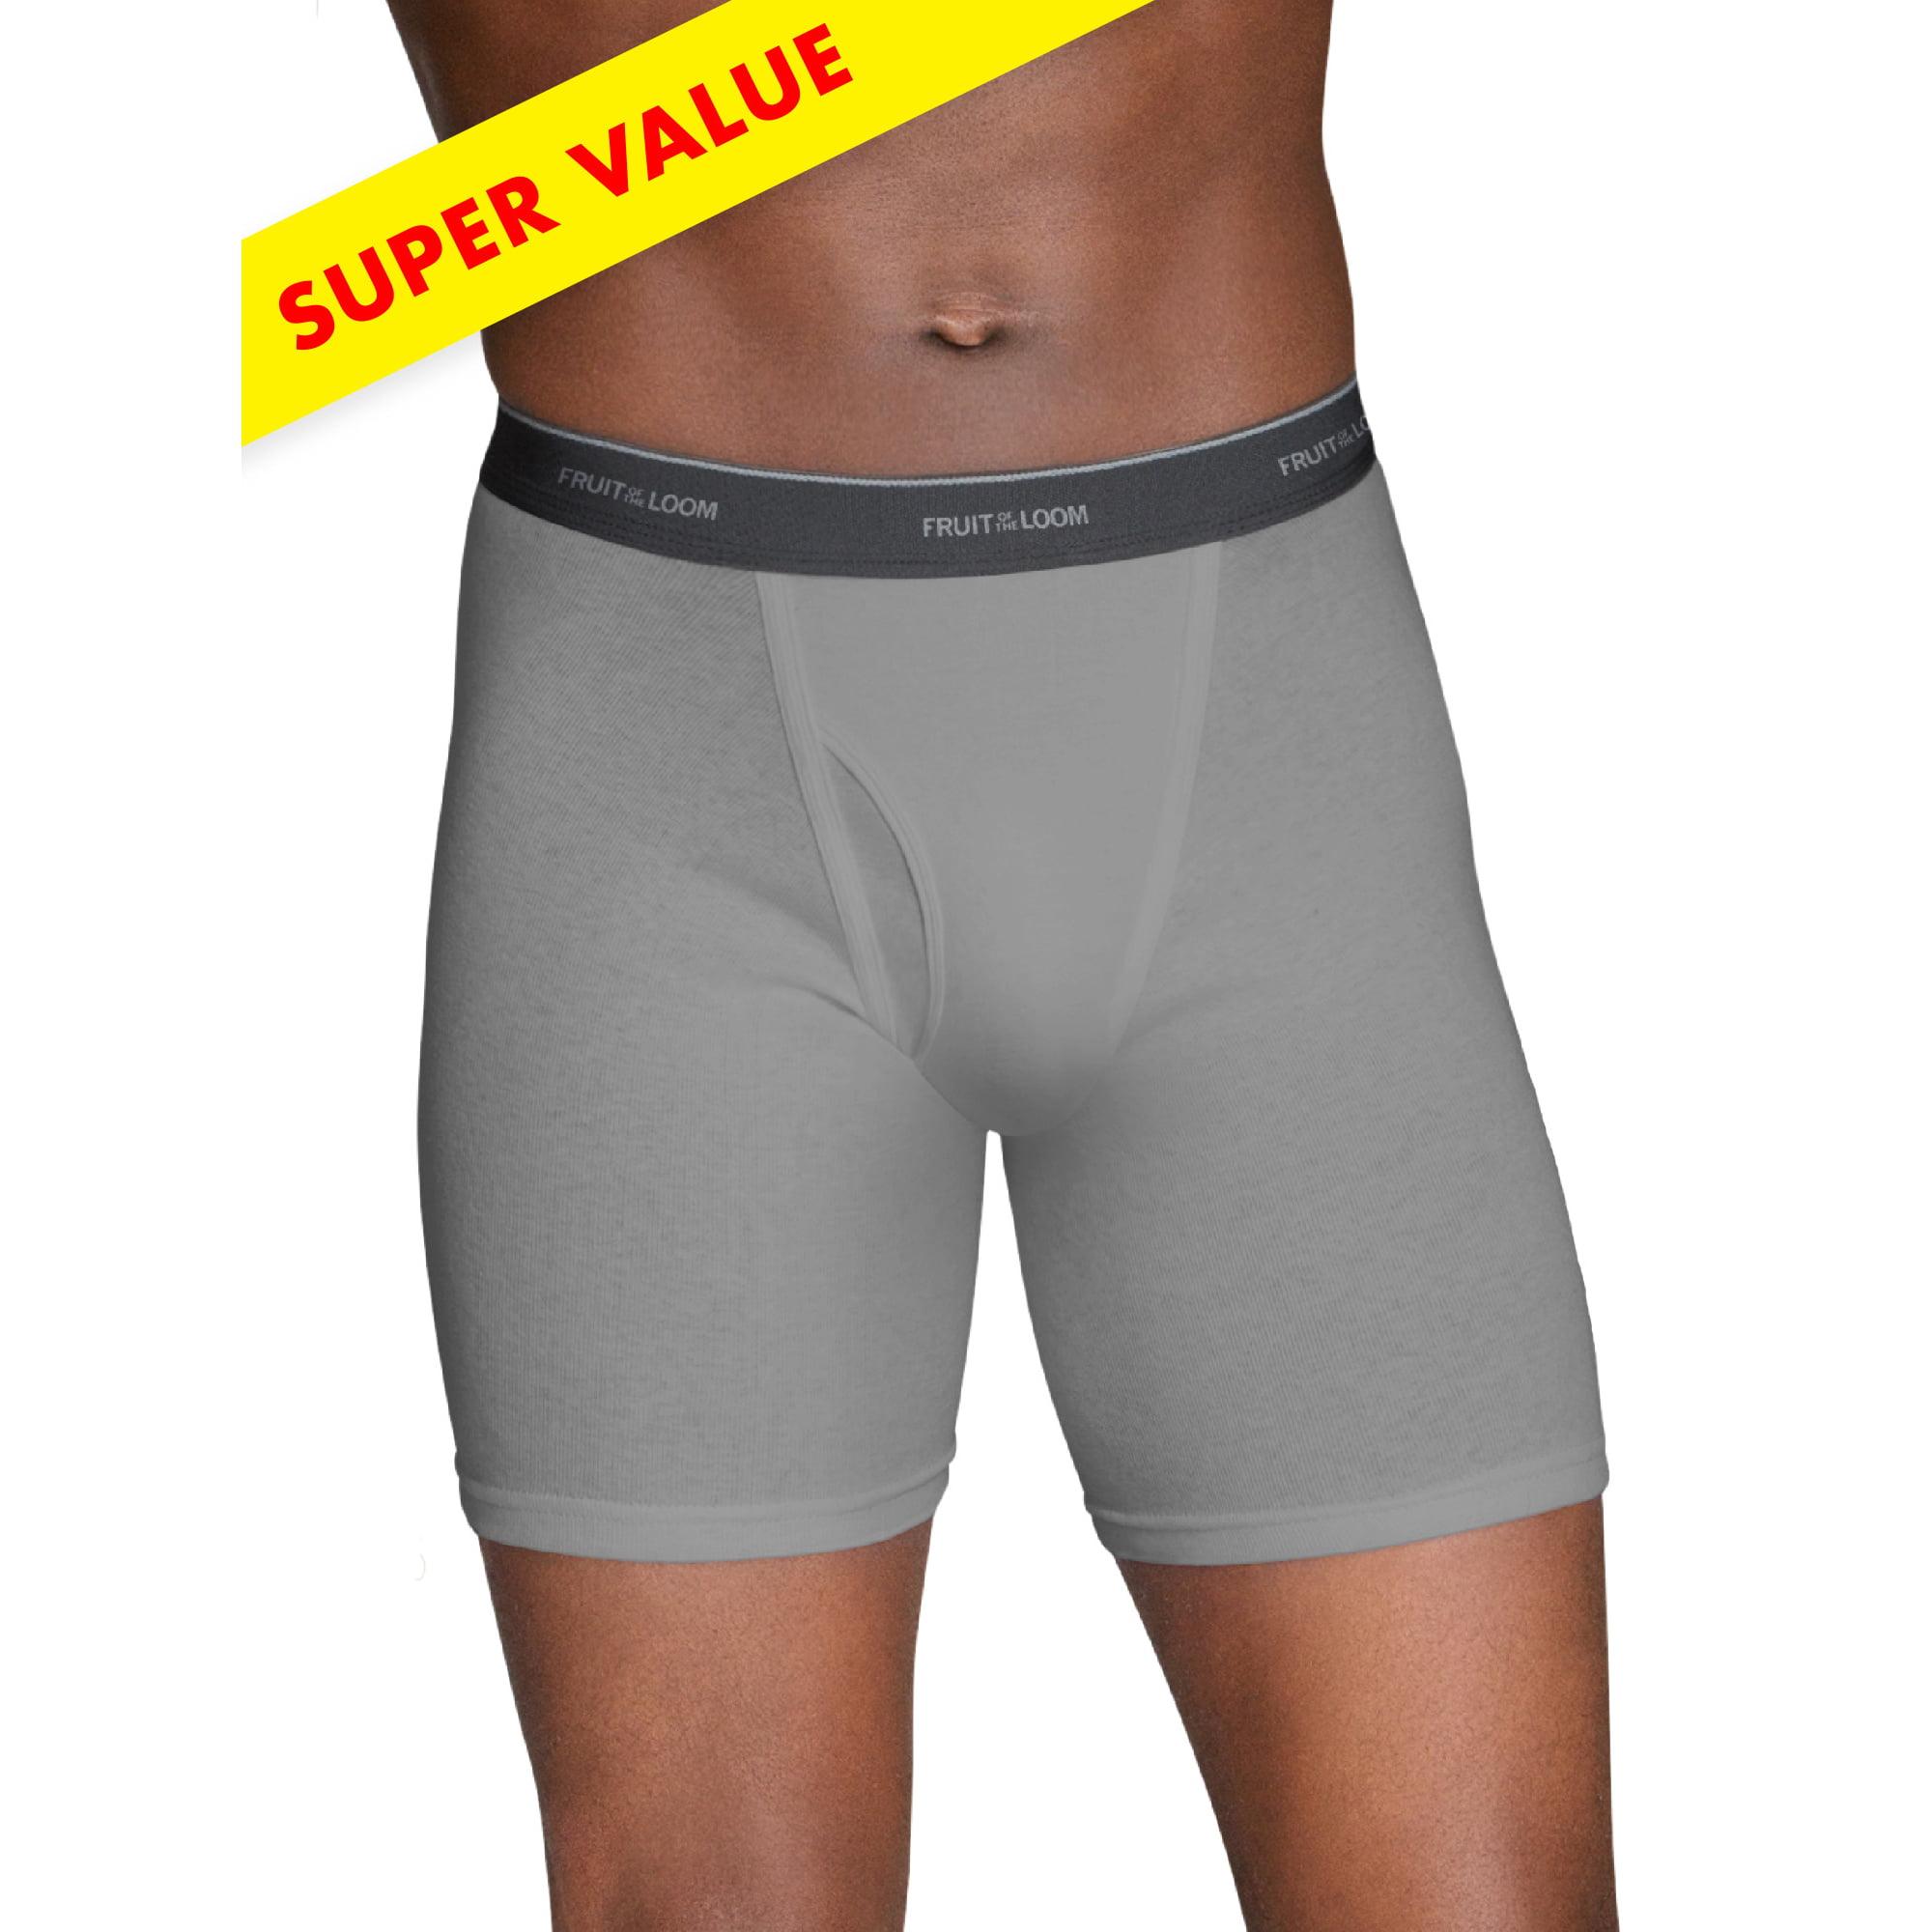 a9811d251c67 Buy Men's Super Value Black|Gray Boxer Briefs, 10 Pack | Cheapest ...